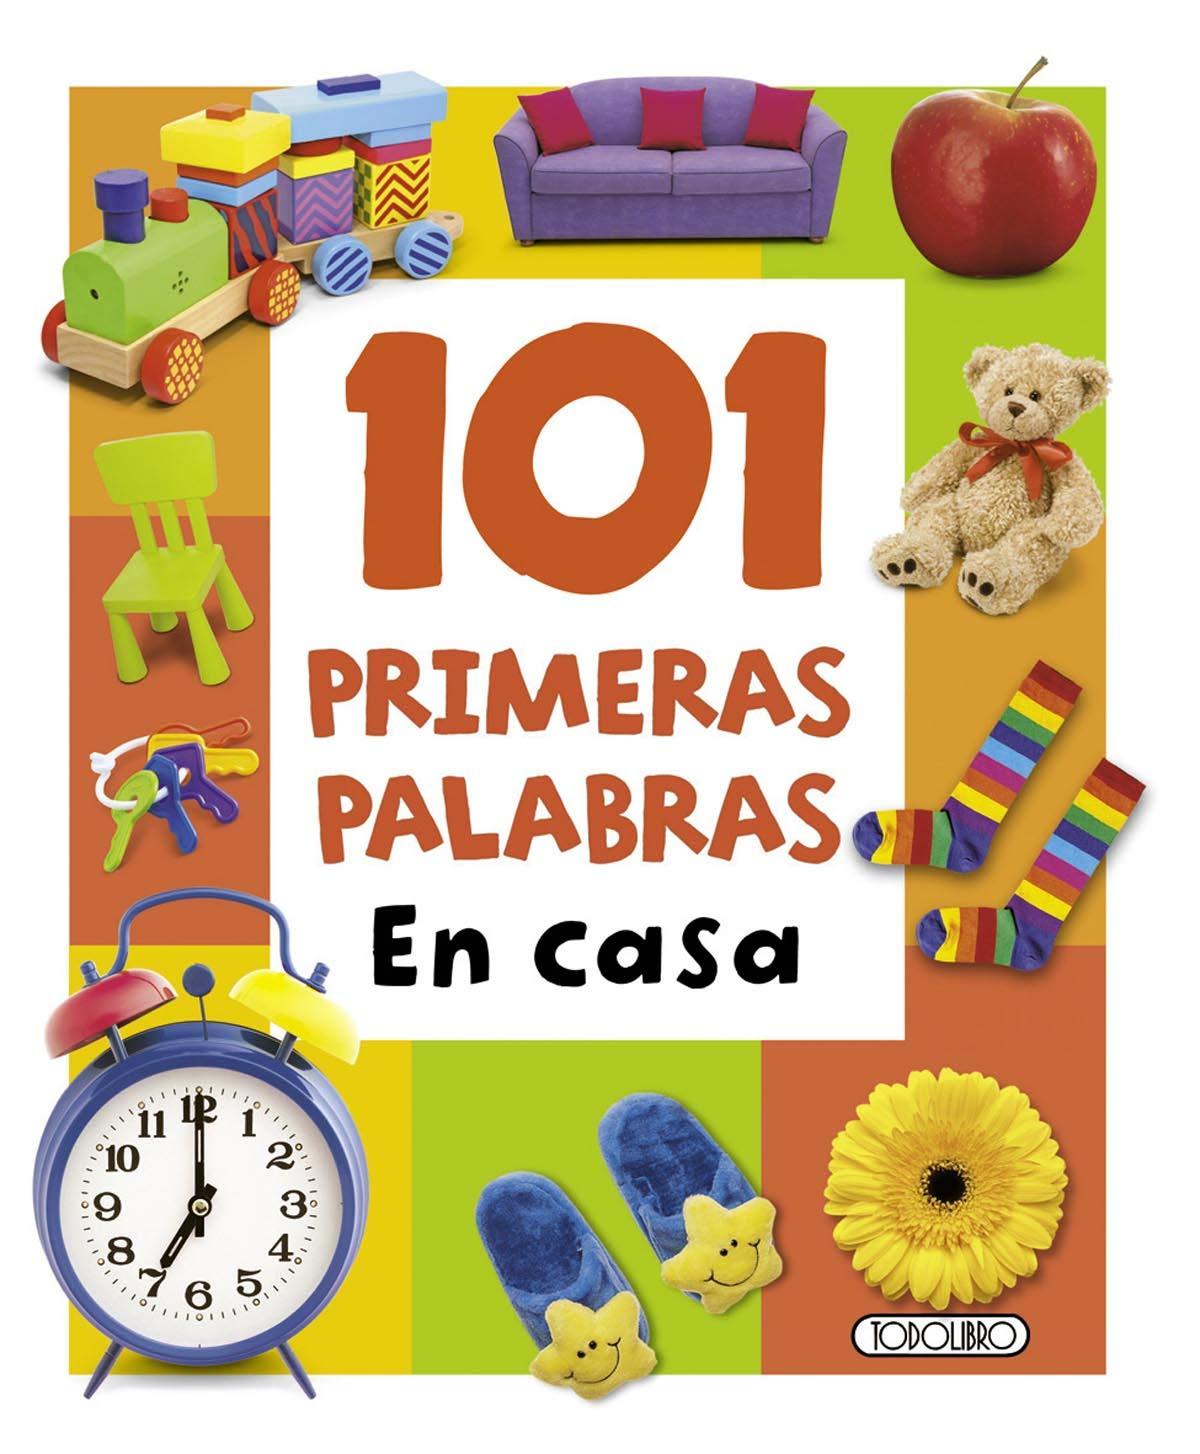 Mi mundo: S.A. Todolibro Ediciones: 9788499134543: Amazon.com: Books